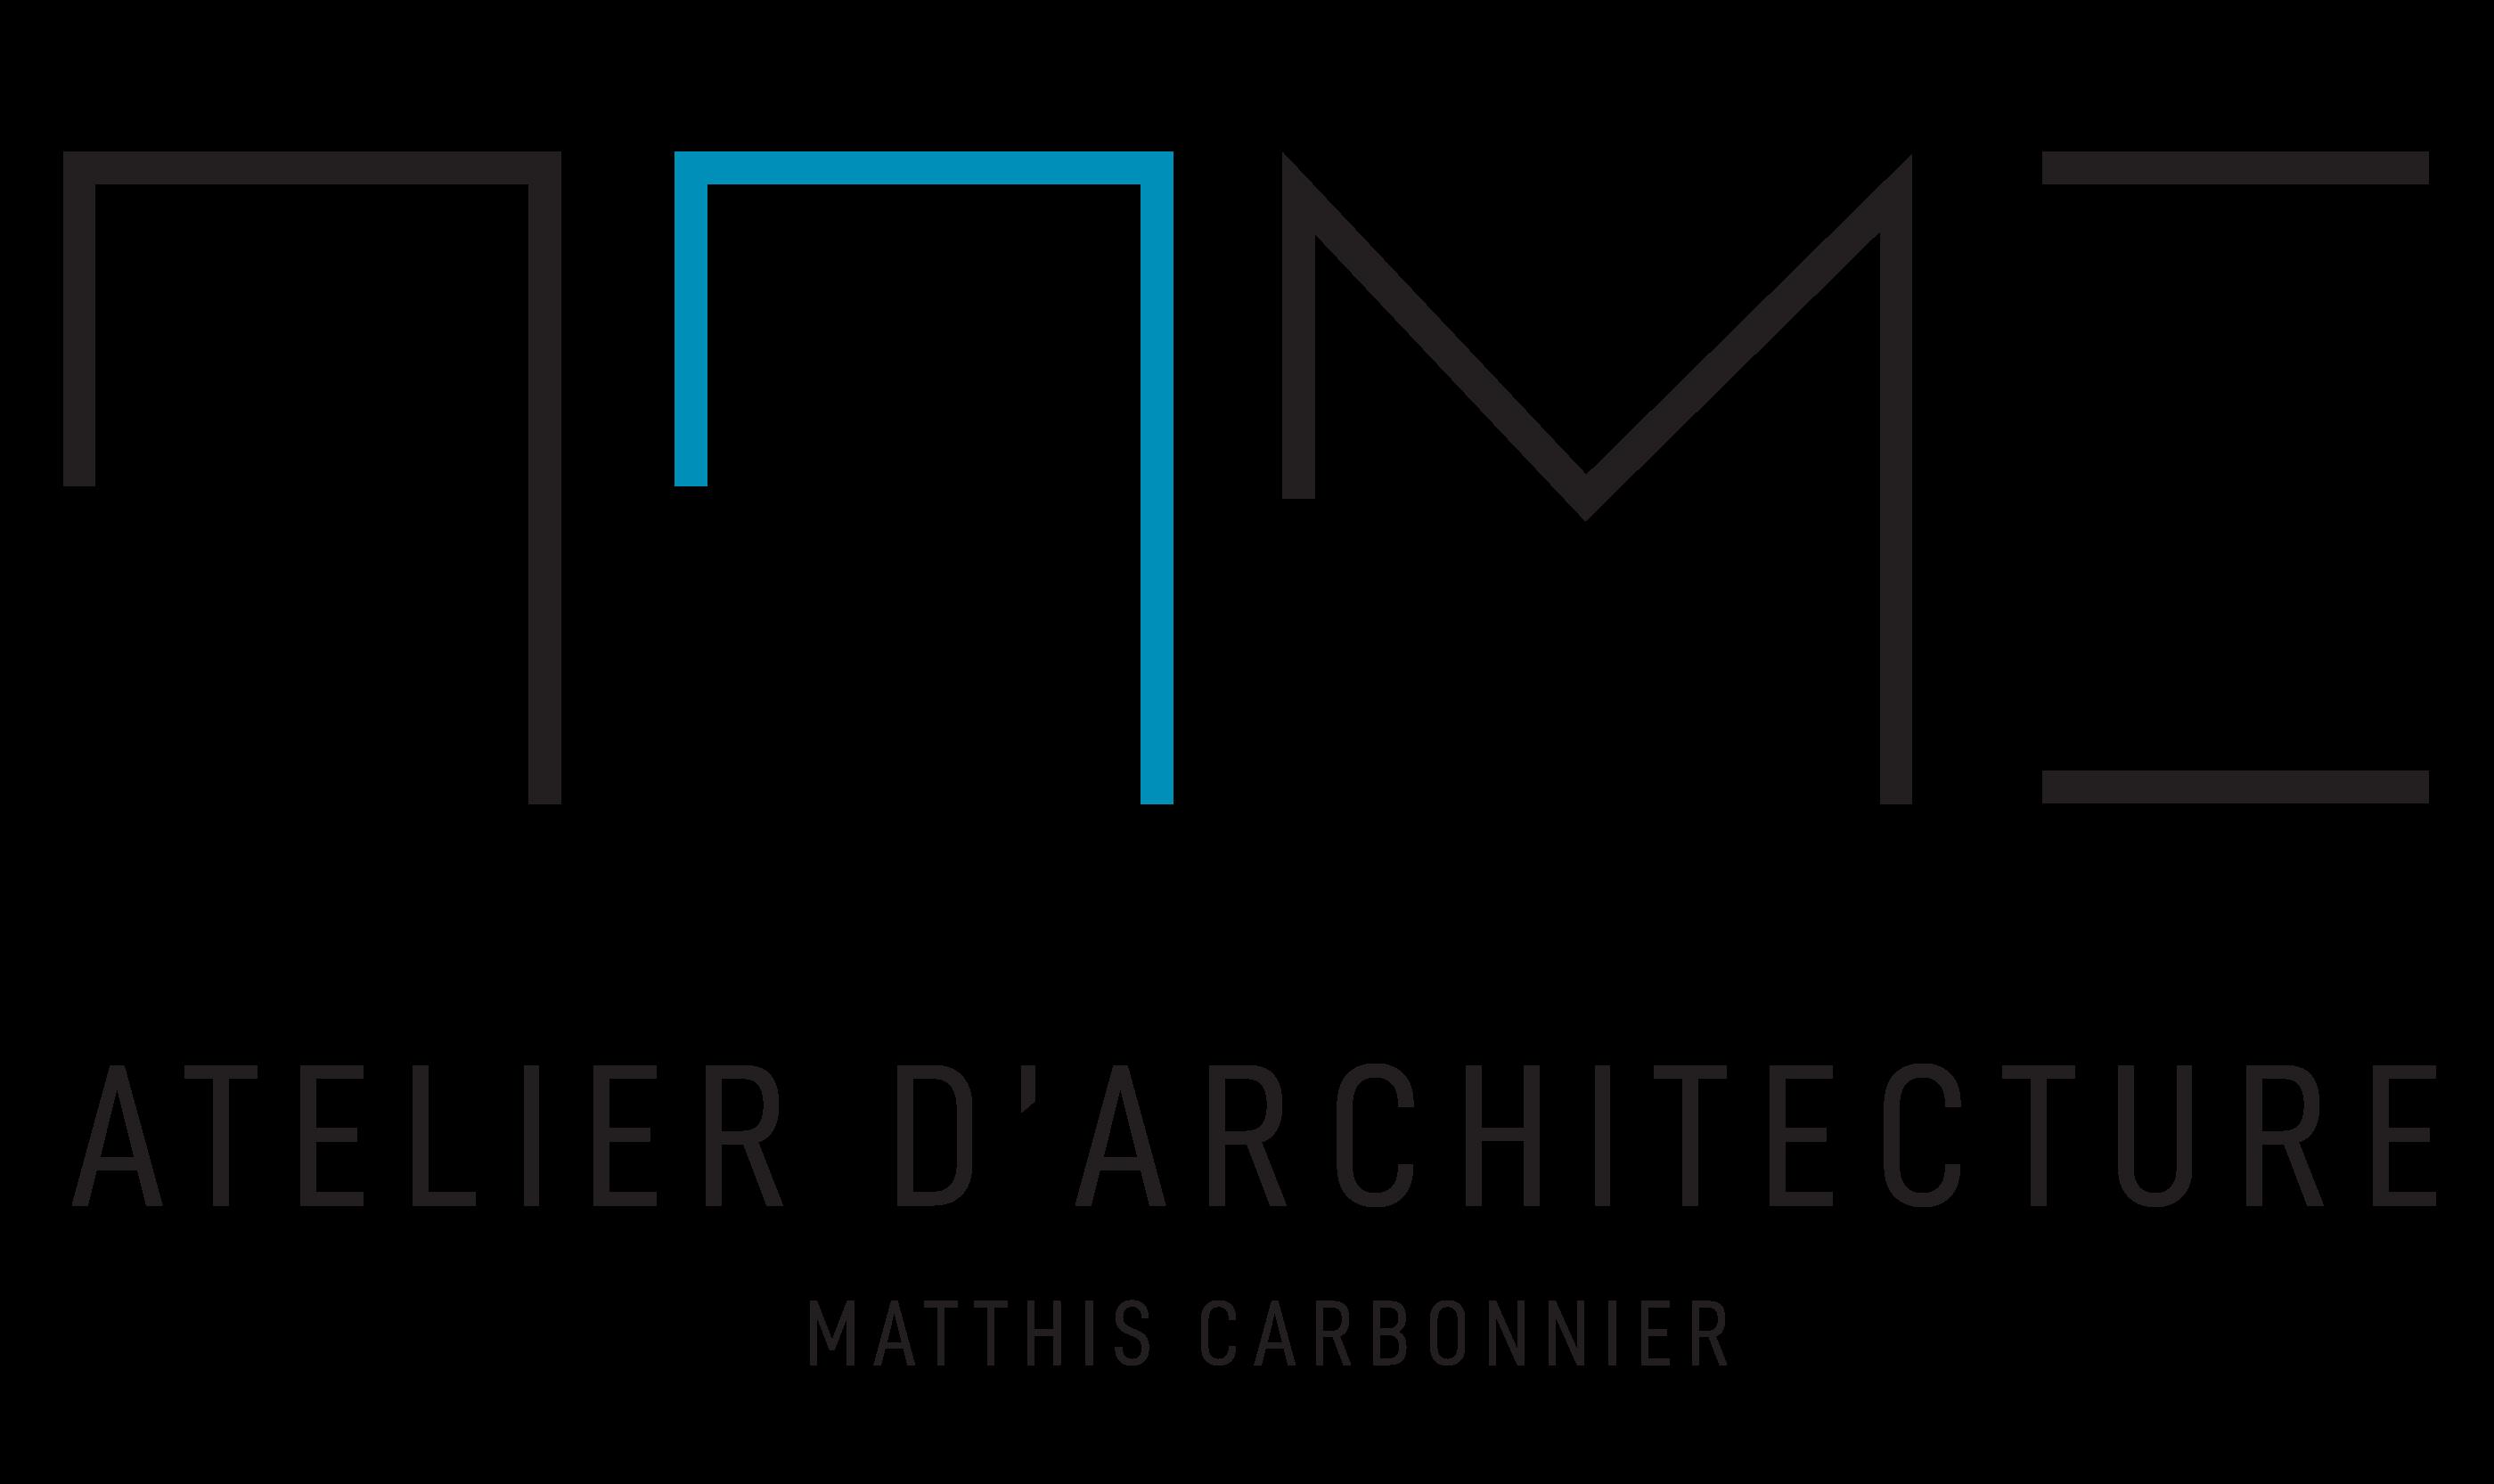 MATTHIS CARBONNIER